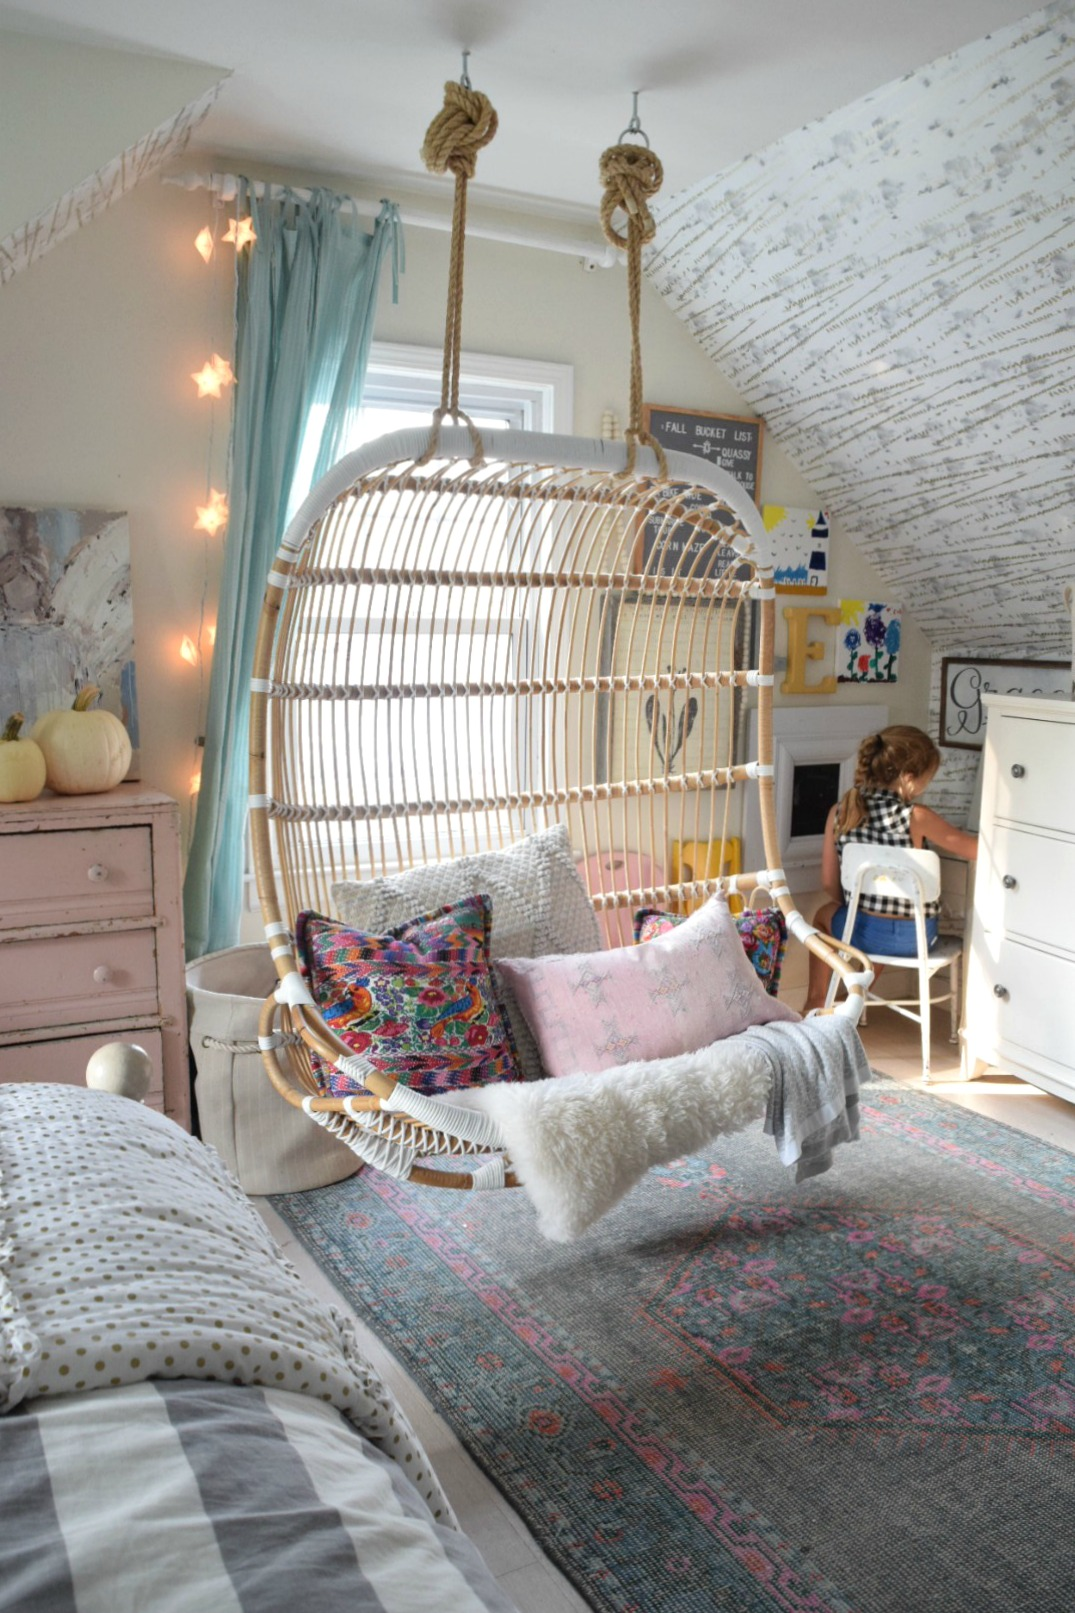 Fall Home Tour- Come inside a Tiny Cape